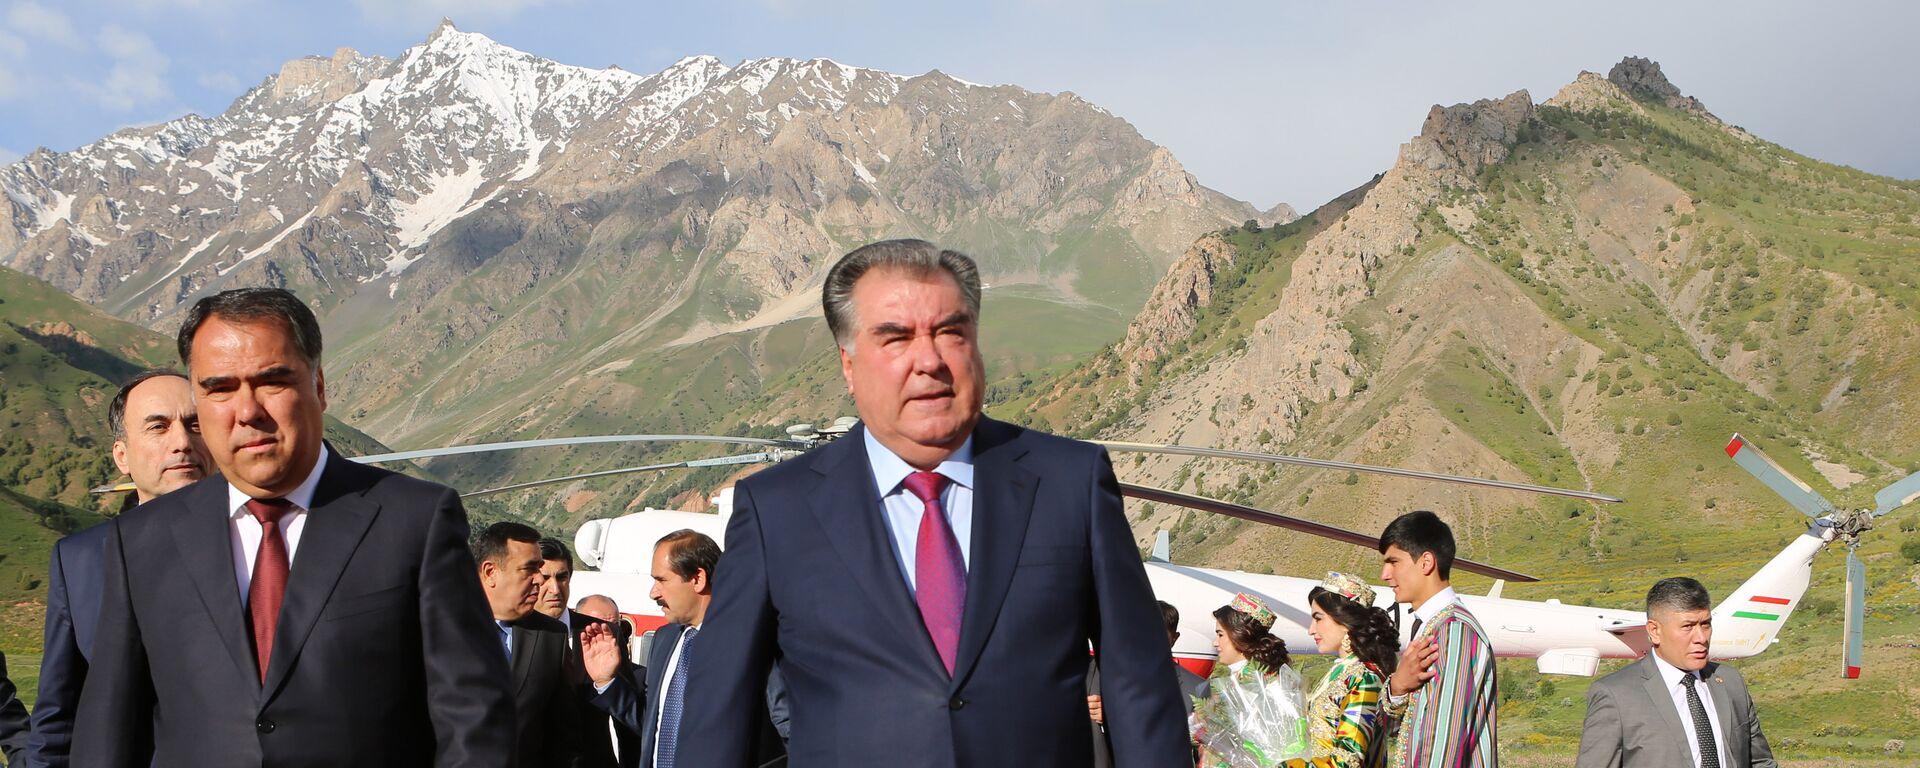 Визит Эмомали Рахмона в Согдийскую область - Sputnik Таджикистан, 1920, 31.03.2021